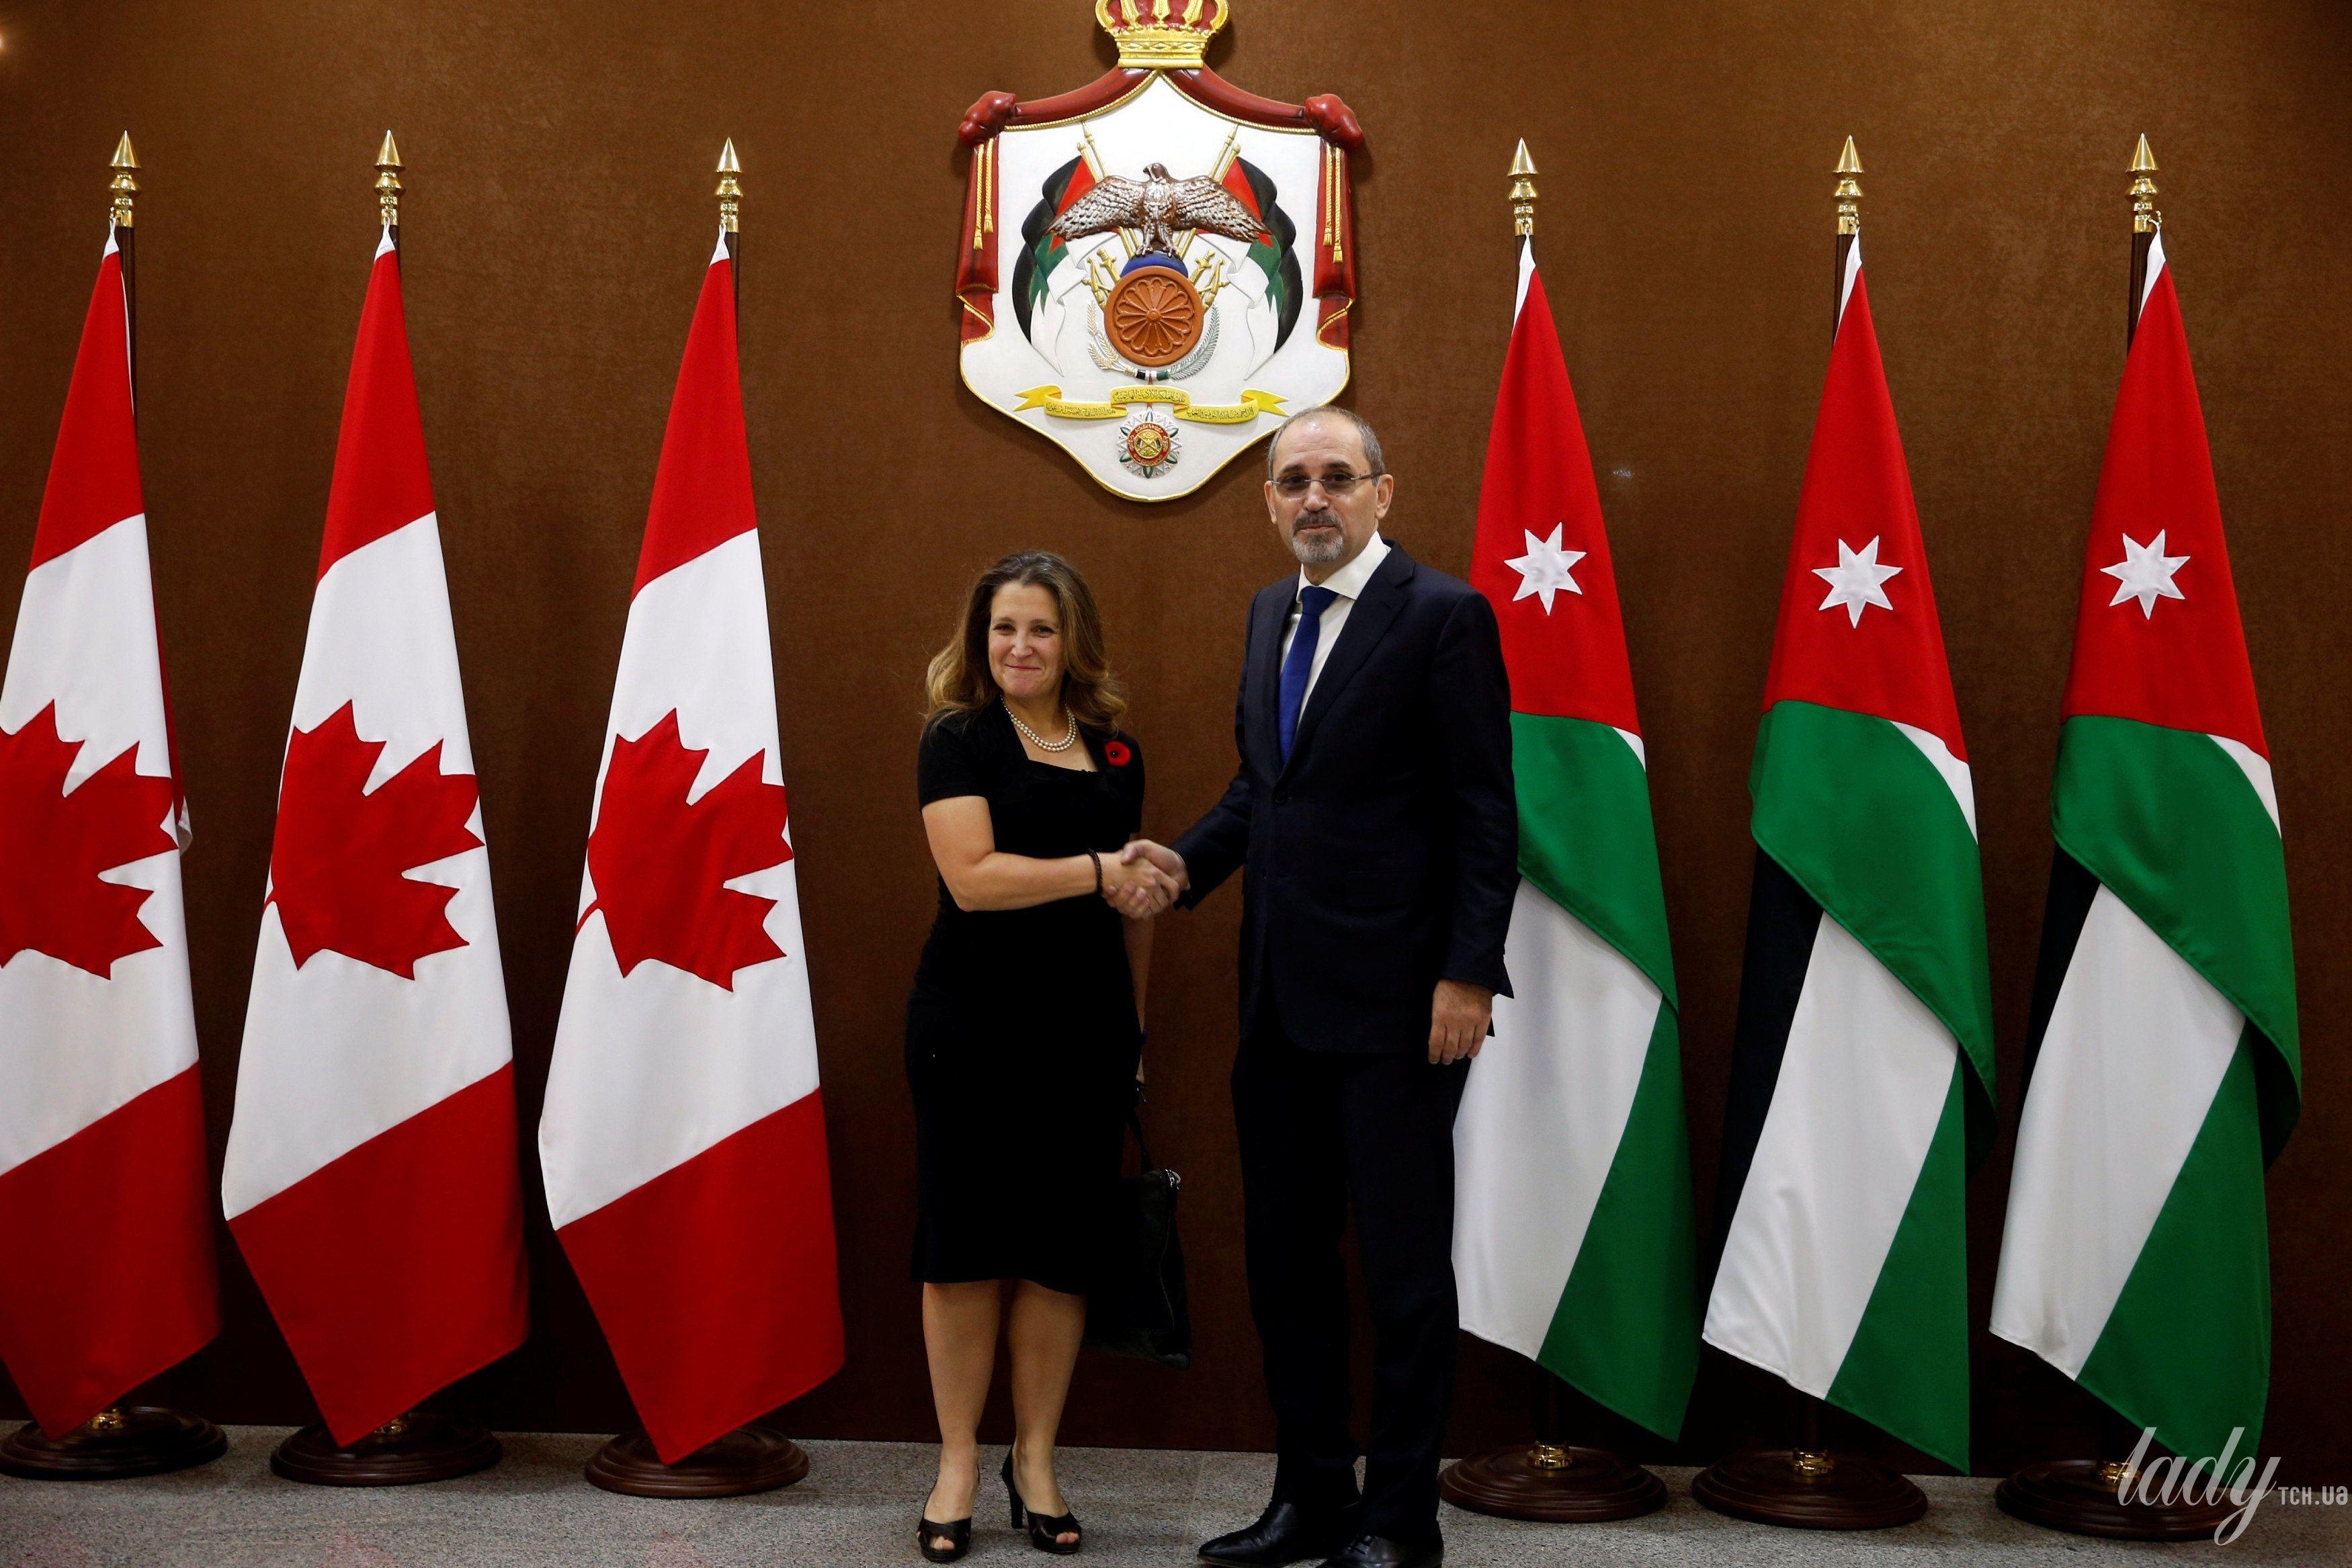 Министр иностранных дел Канады Христя Фриланд_4